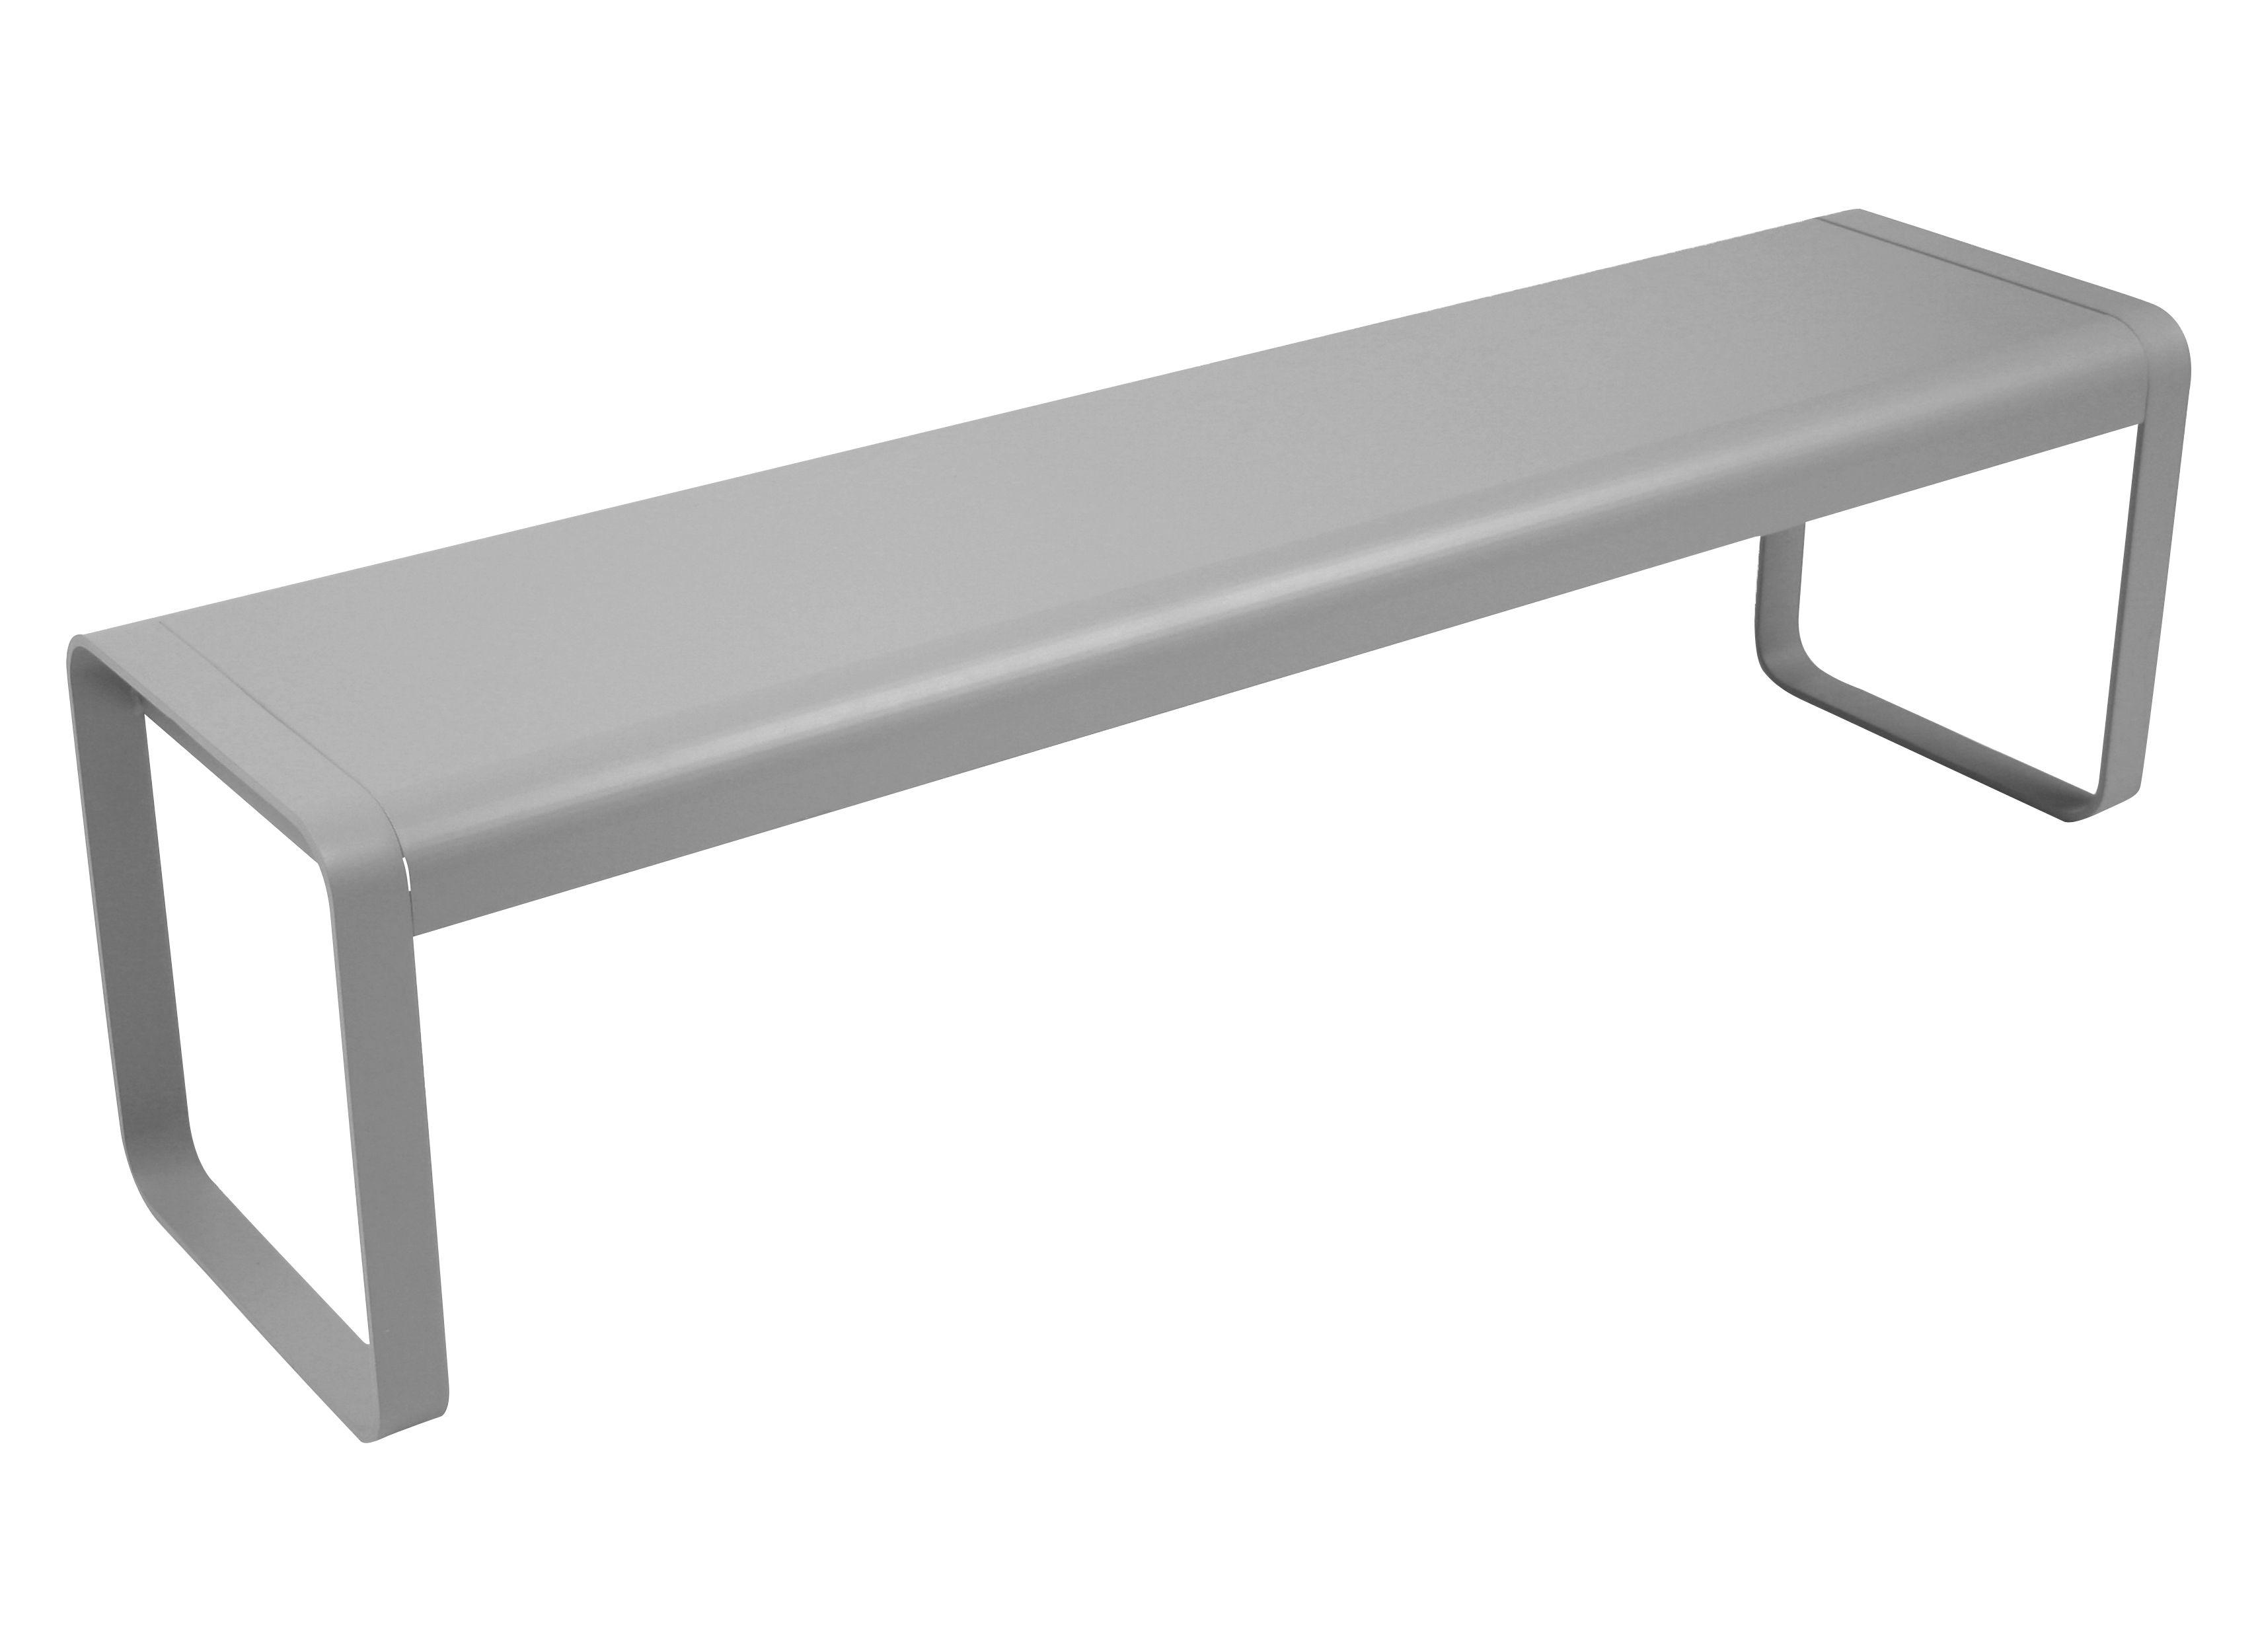 Mobilier - Bancs - Banc Bellevie / L 161 cm - 4 places - Fermob - Gris métal - Acier, Aluminium